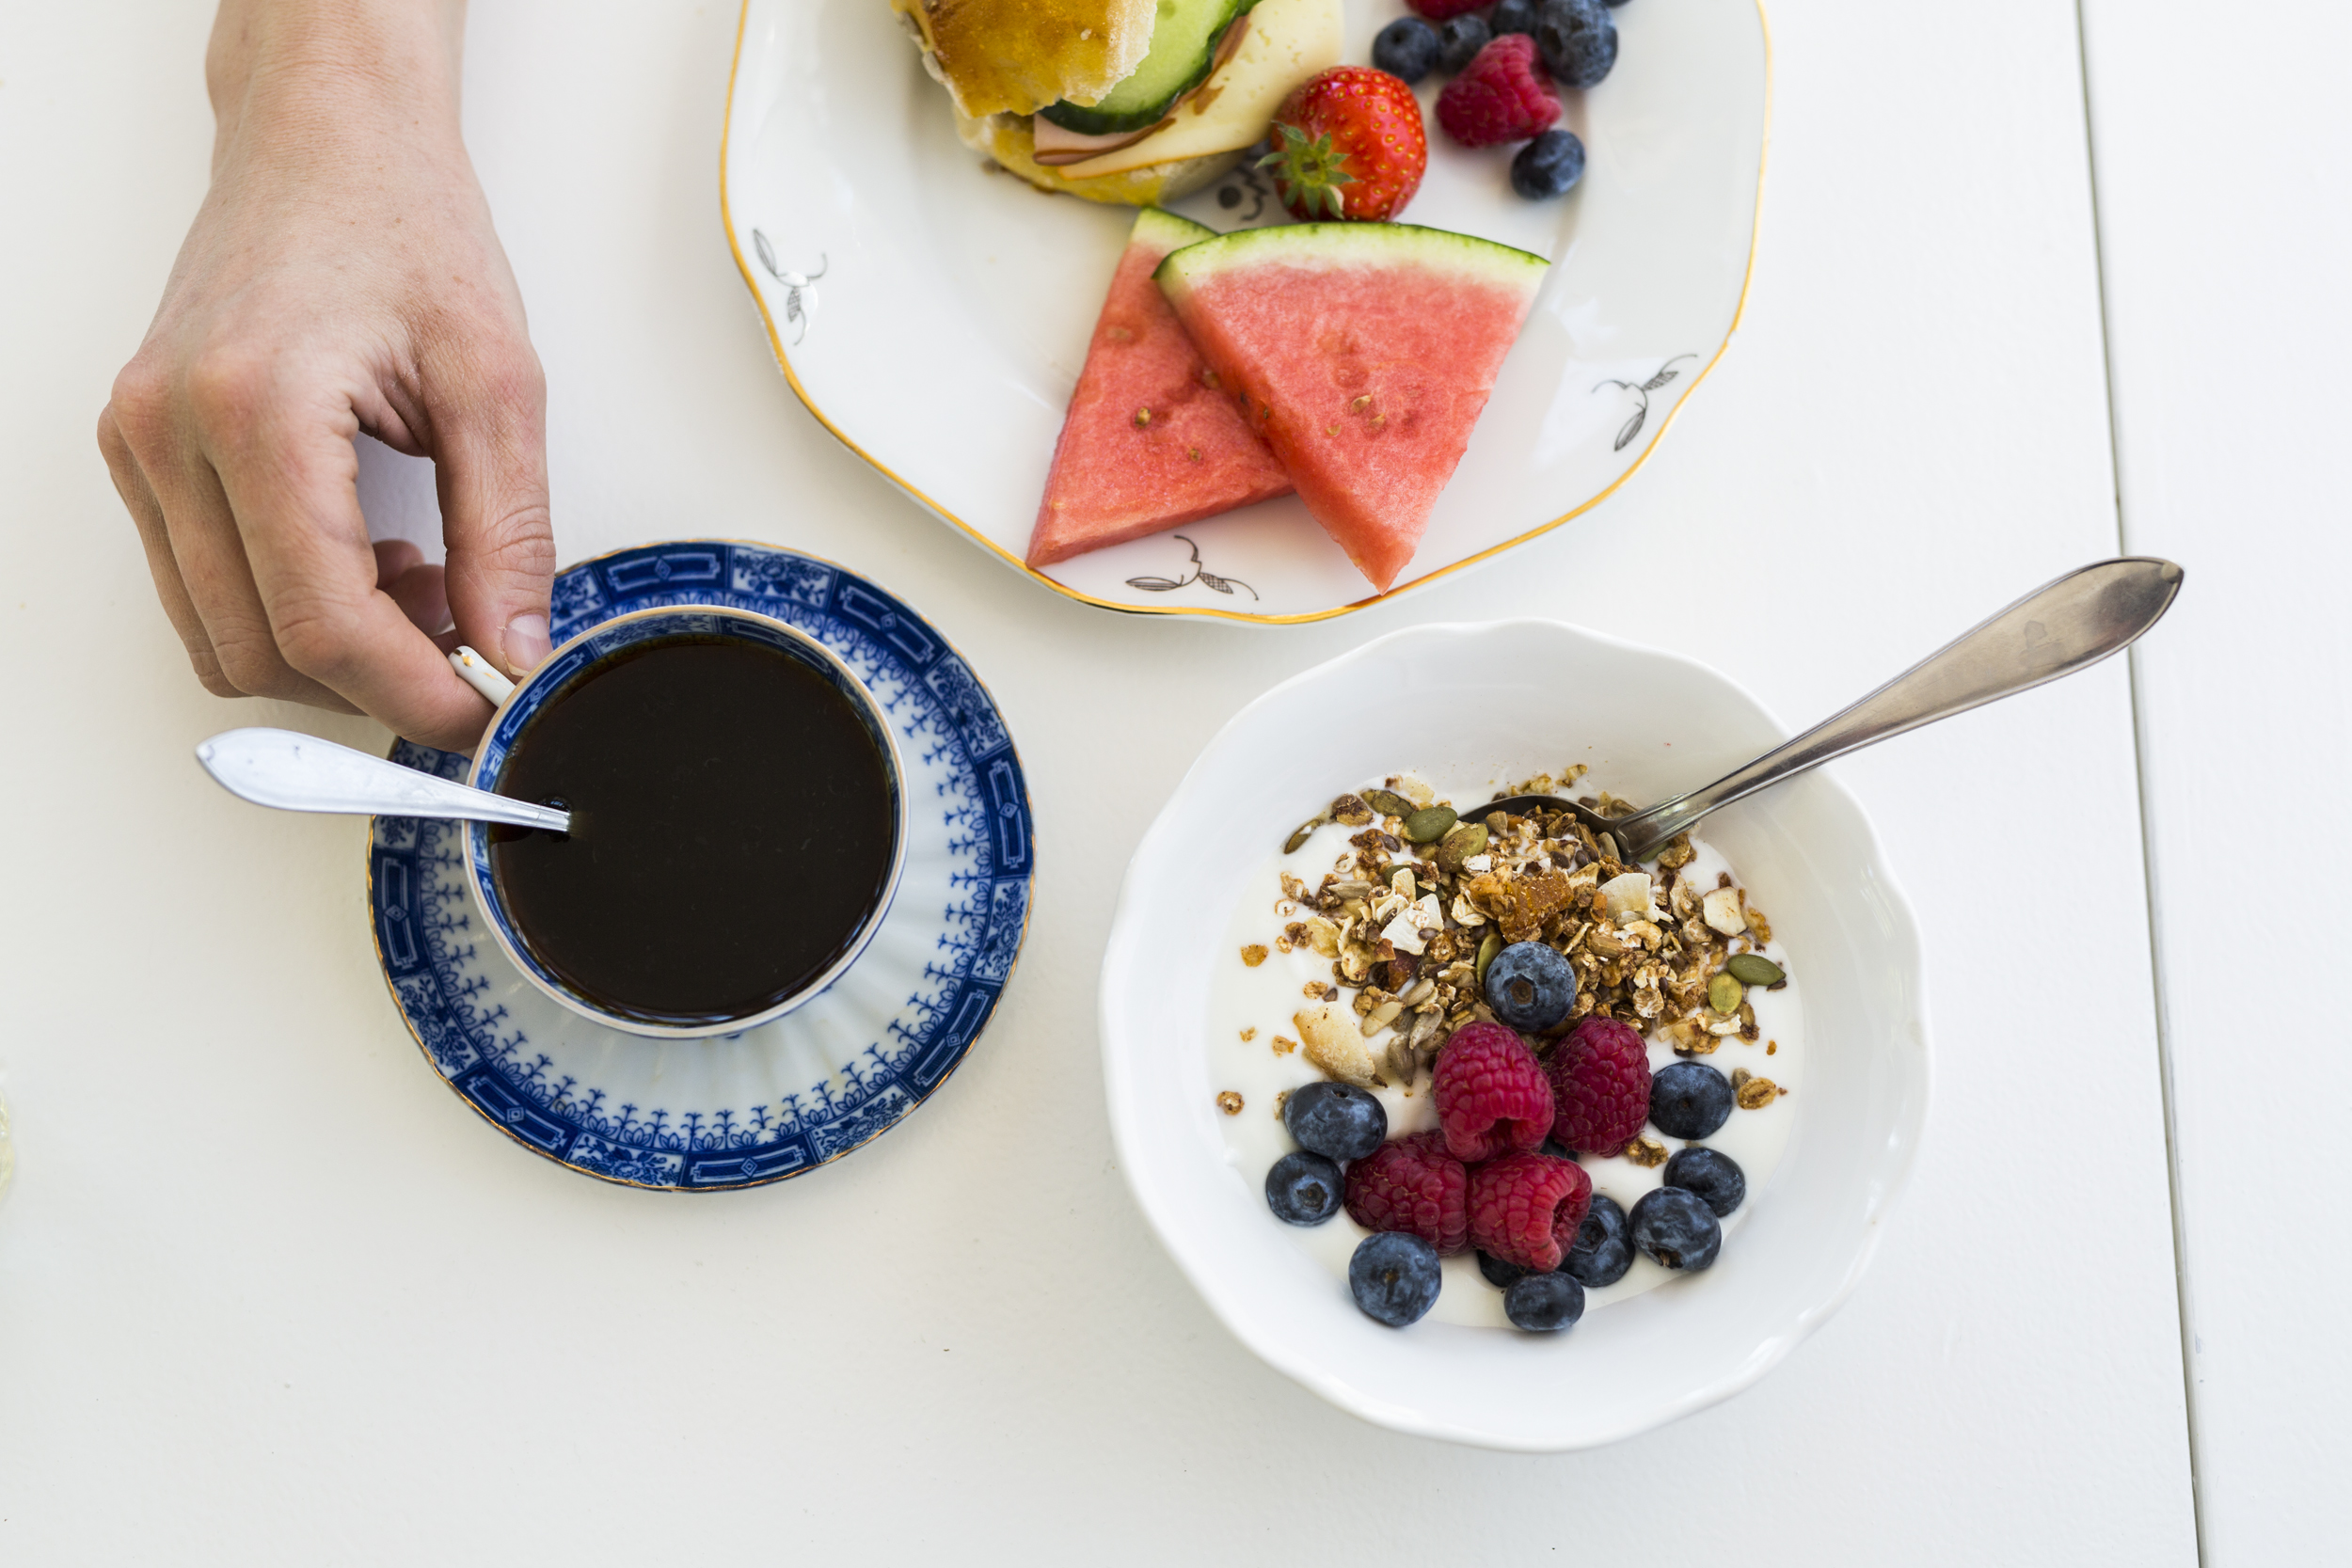 Frukostbuffé - Vår frukost serveras 08.00-10.00Njut av vår härliga frukostbuffé med nybakta frallor direkt från ugnen och hembakt bröd och vår egna musli. Avsluta frukosten med nygräddade våfflor på vår glasveranda.Bor ni ej på Pensionatet och vill njuta av vår frukostbuffé så går det bra att boka via telefon eller mail. Frukostbuffén kostar då 120 kr/person.